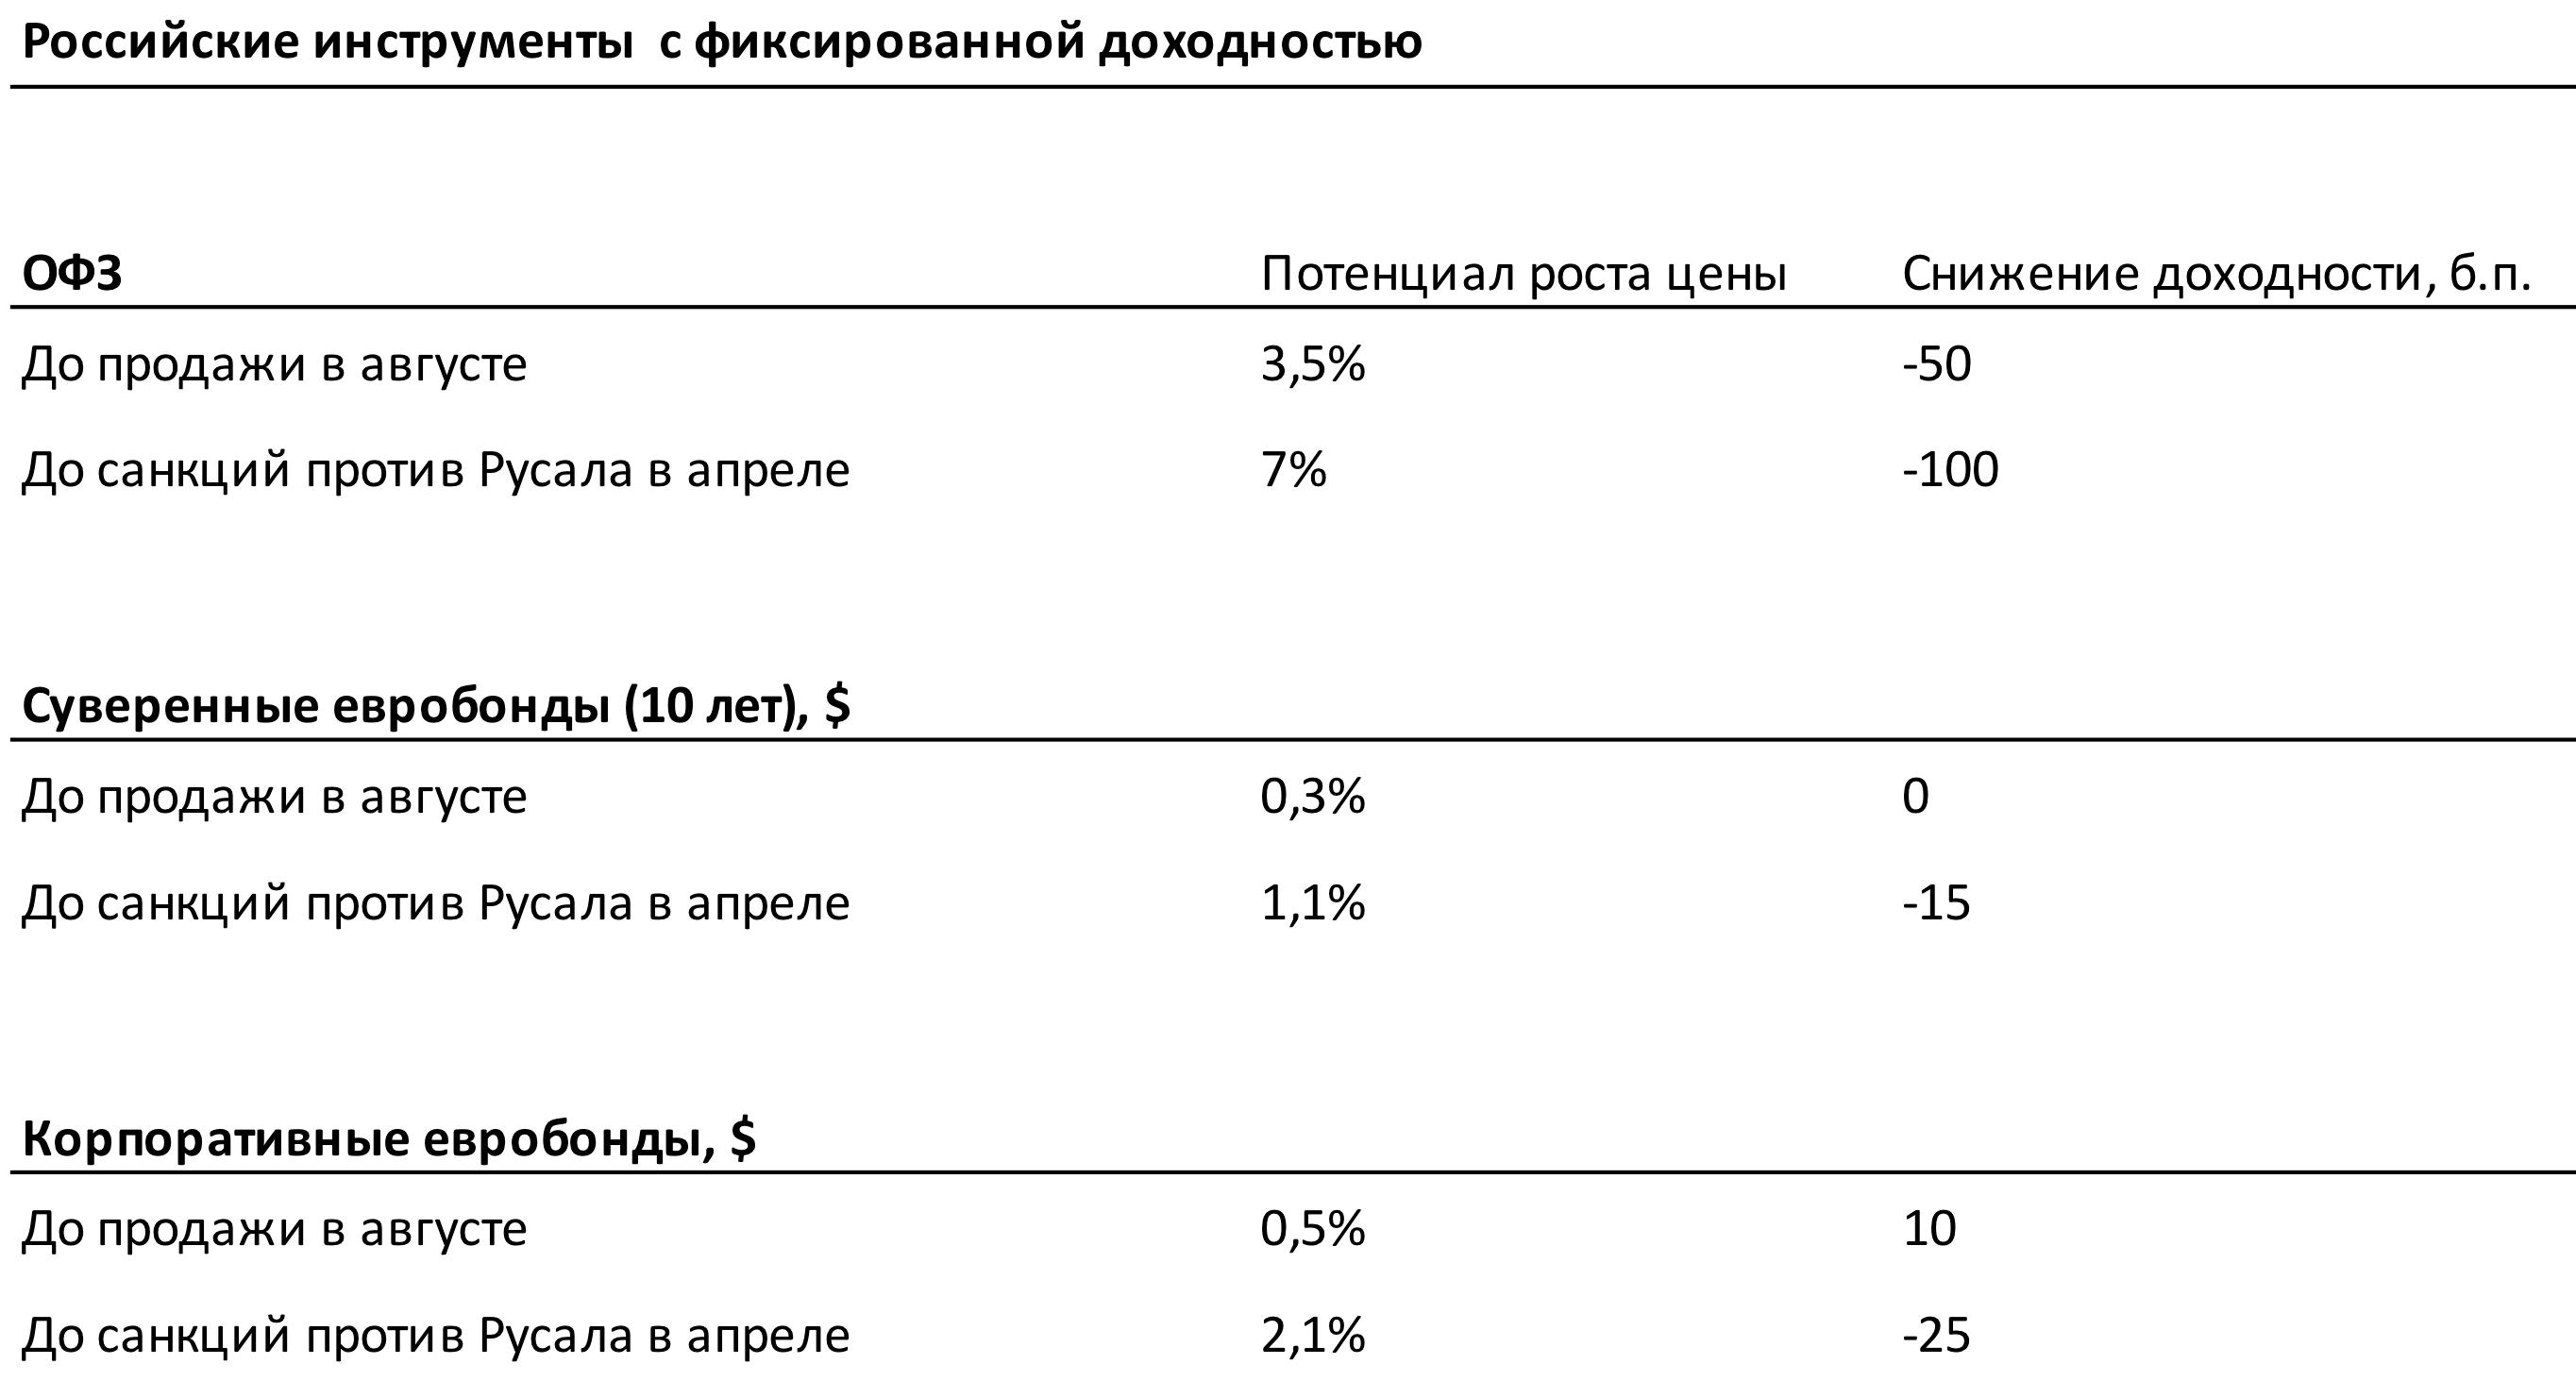 Российские инструменты с фиксированной доходностью